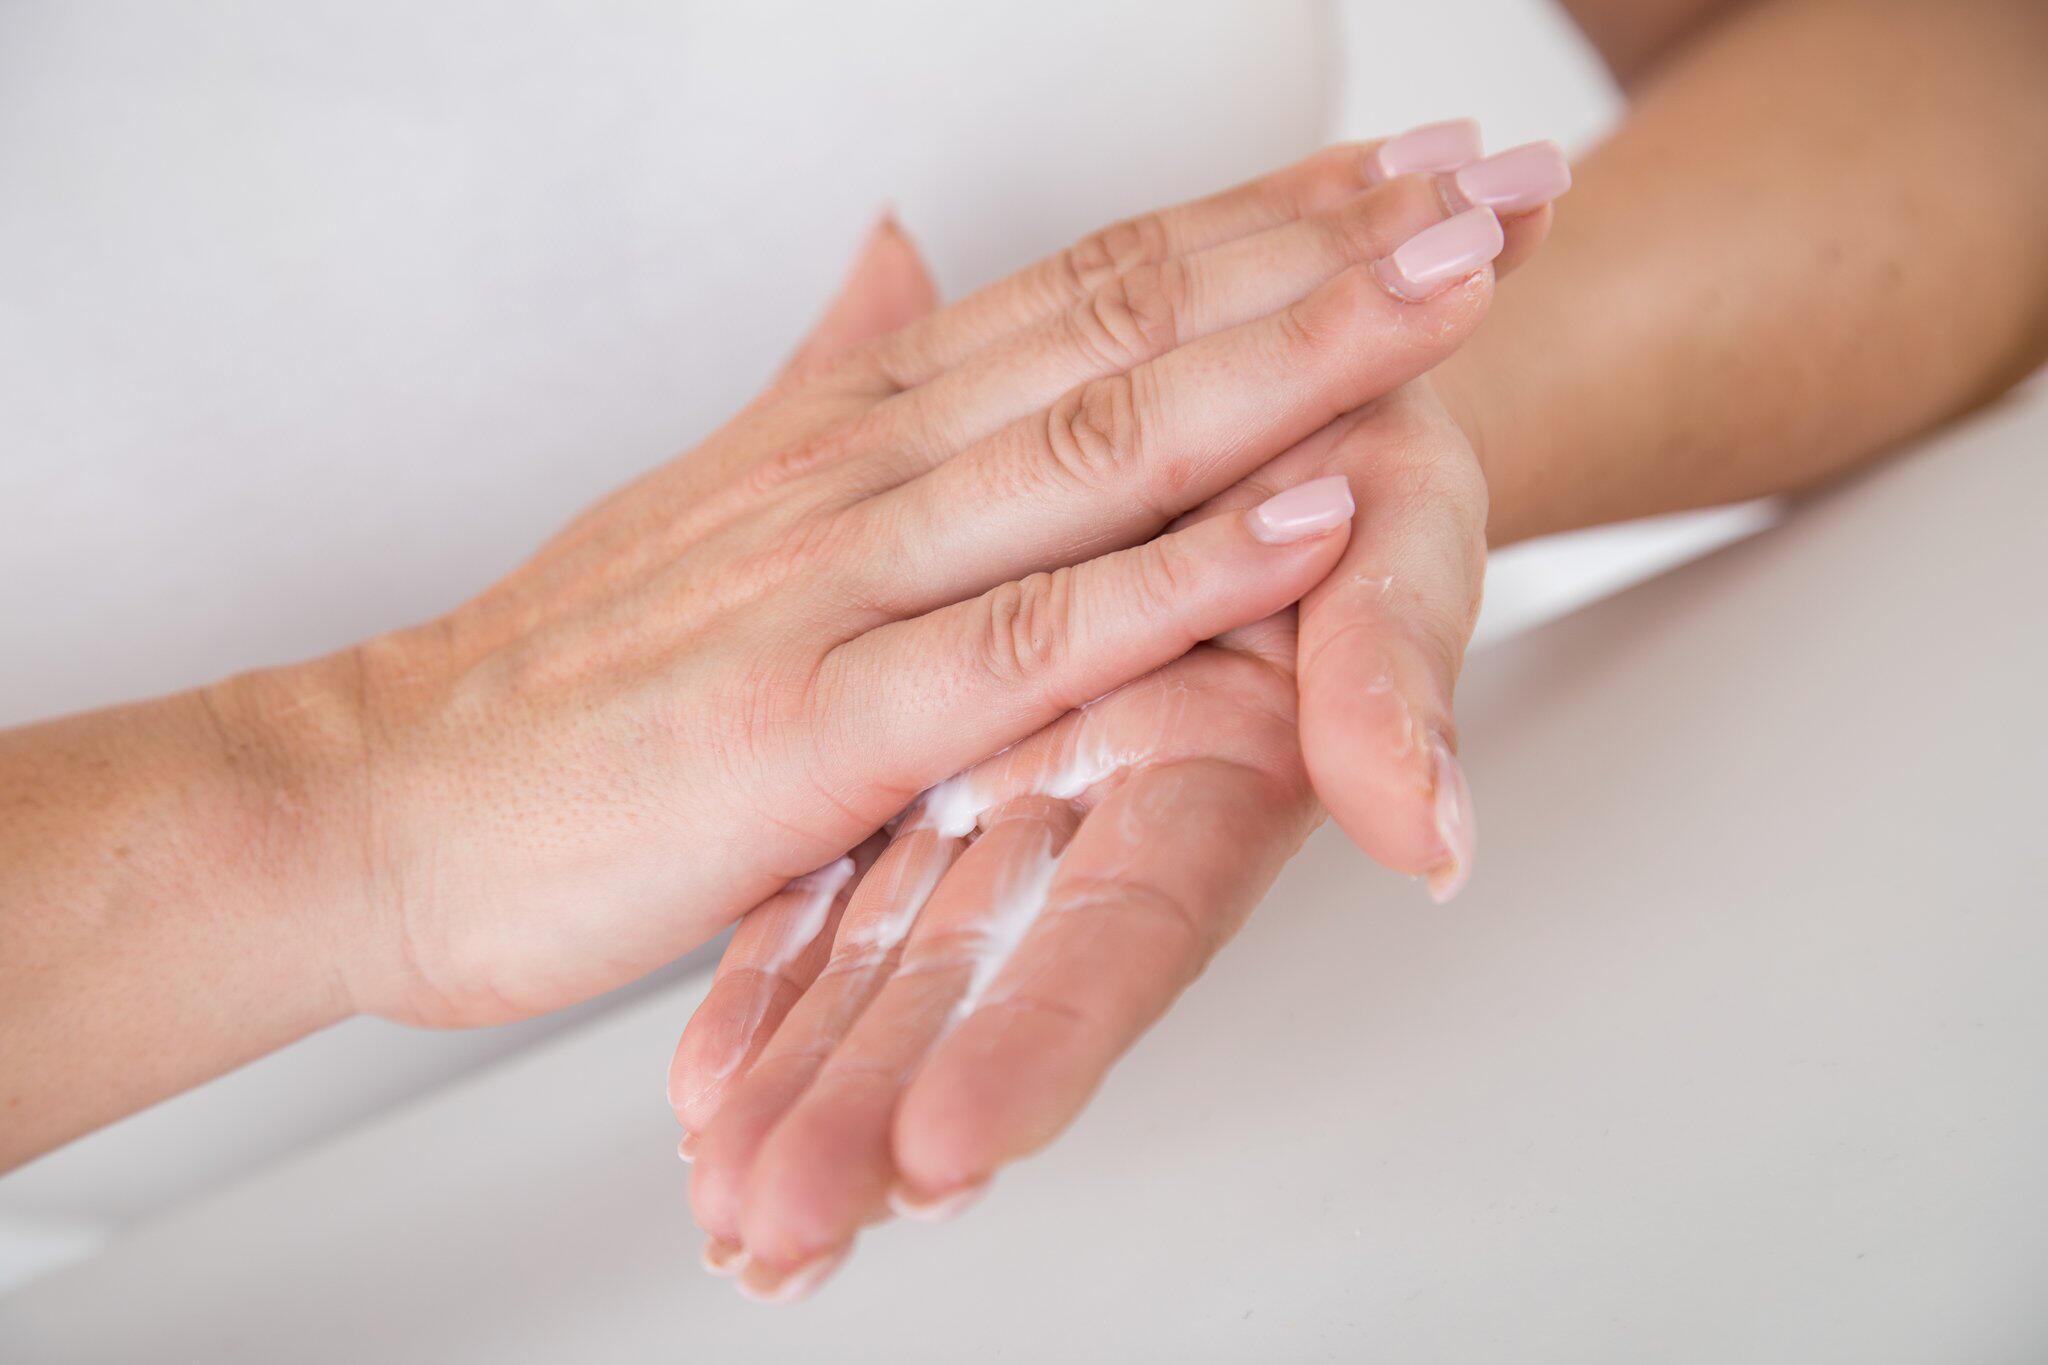 Bild zu Nach dem vielen Waschen: Die Hände intensiv eincremen